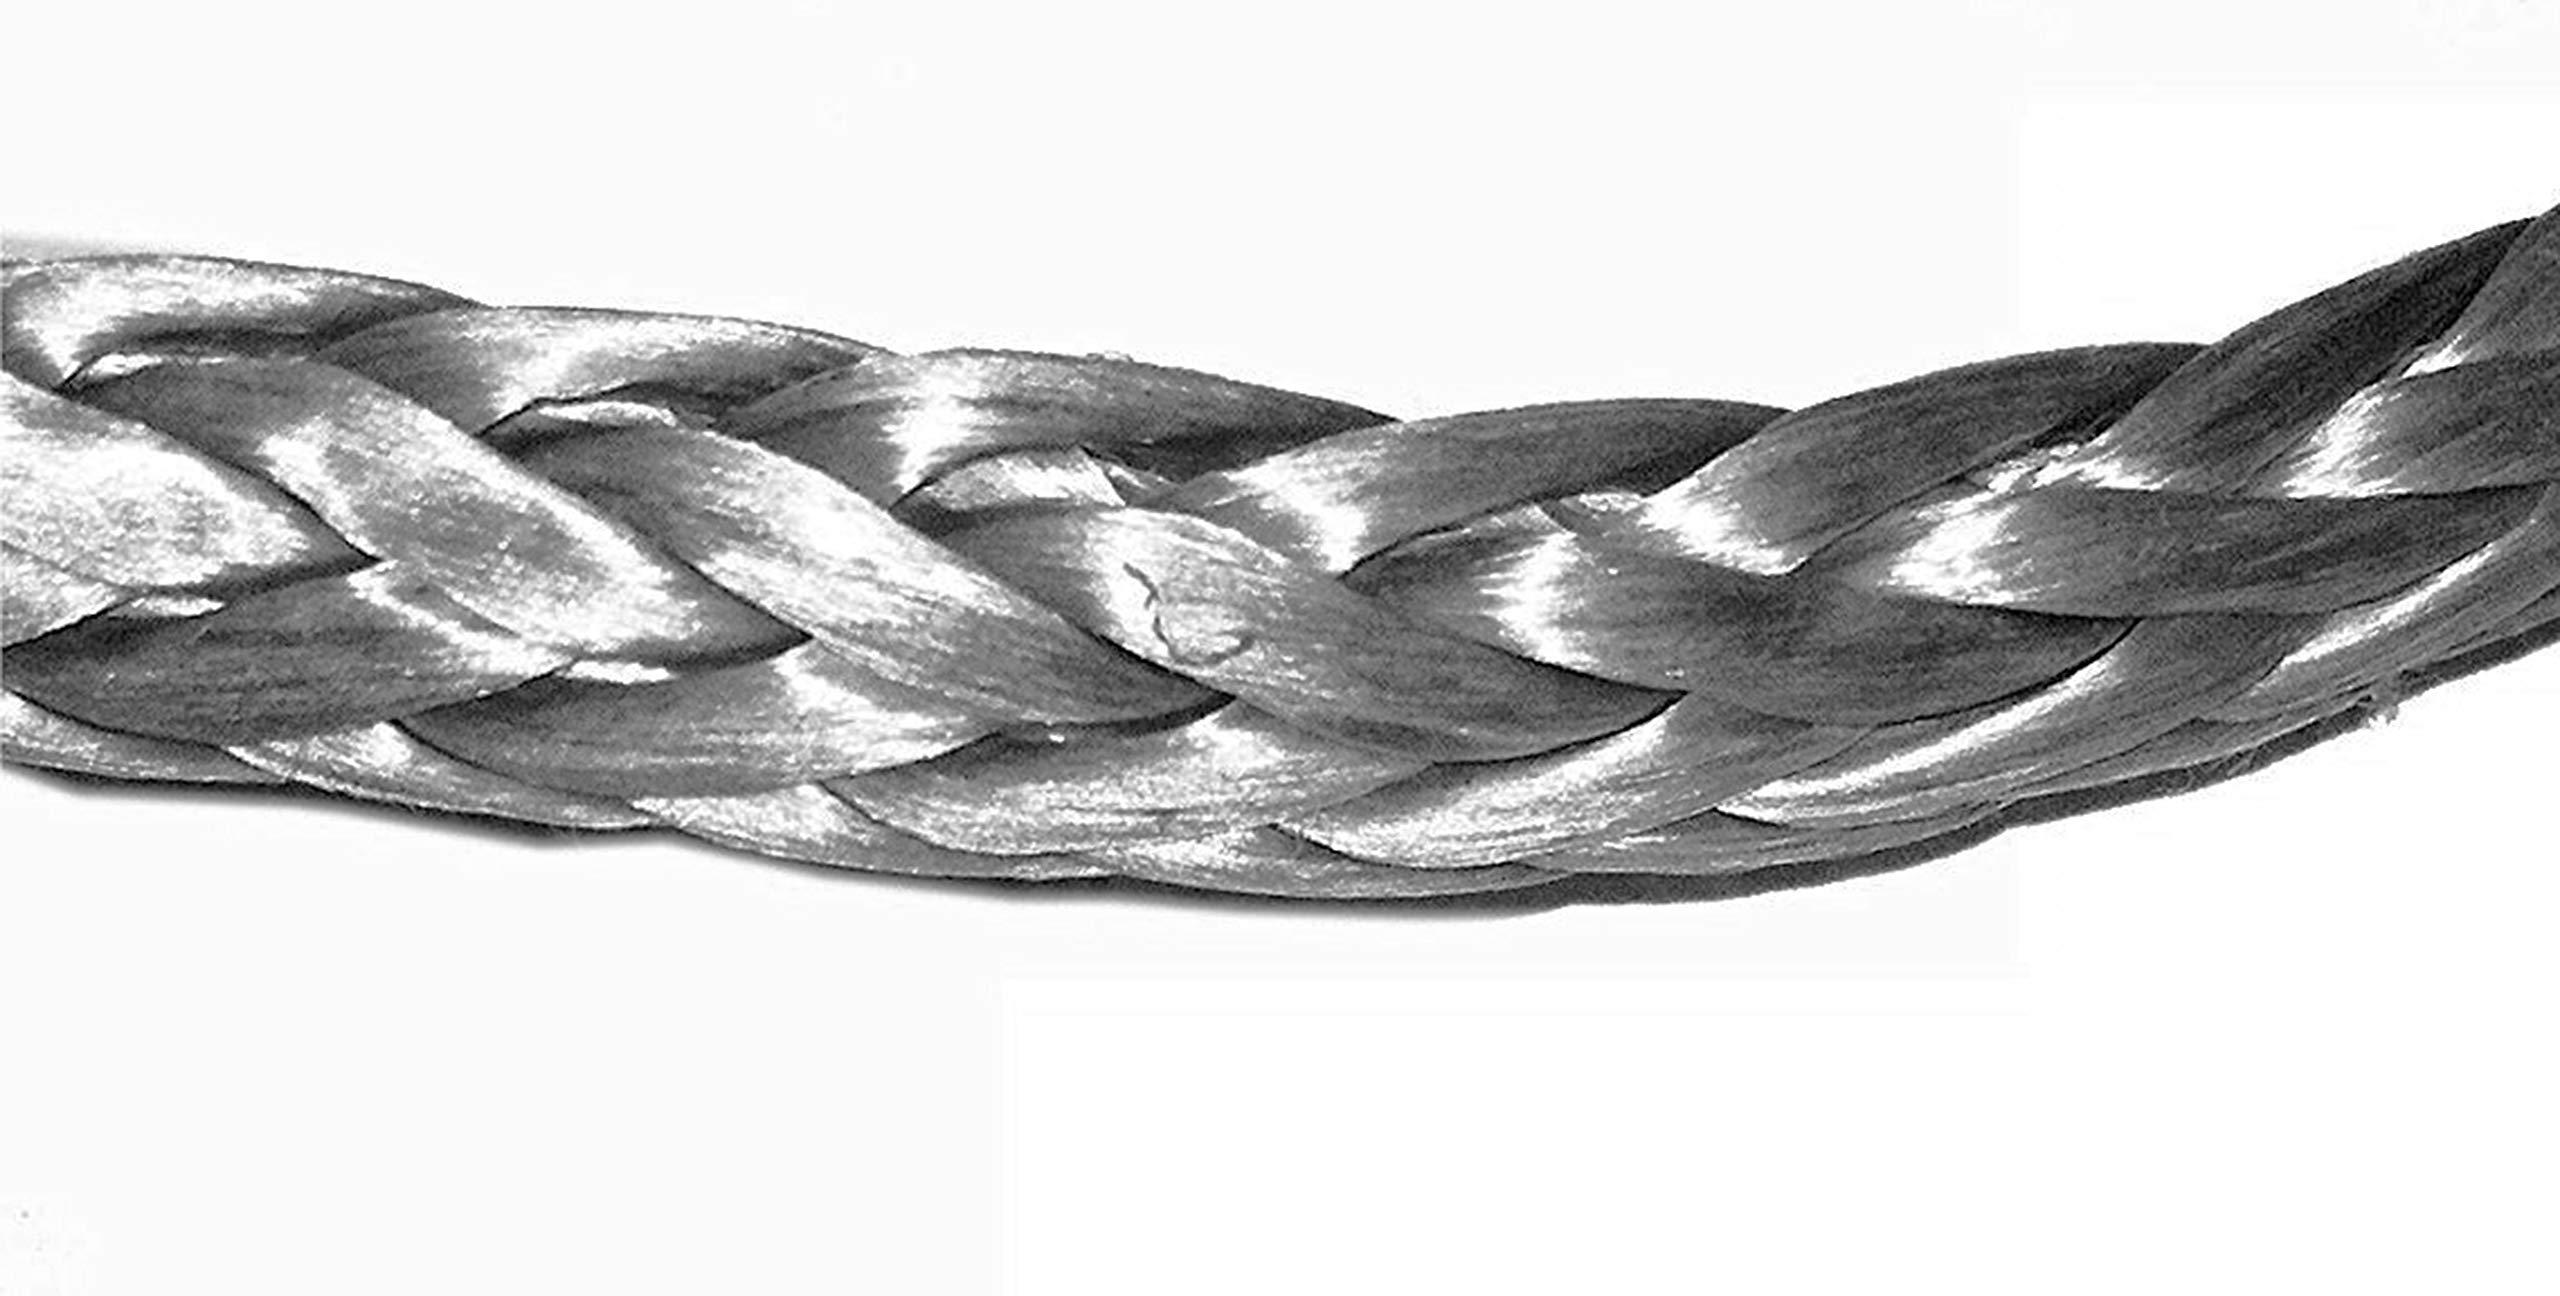 A-FUN HMPE 3/8 Rope Line by A-FUN